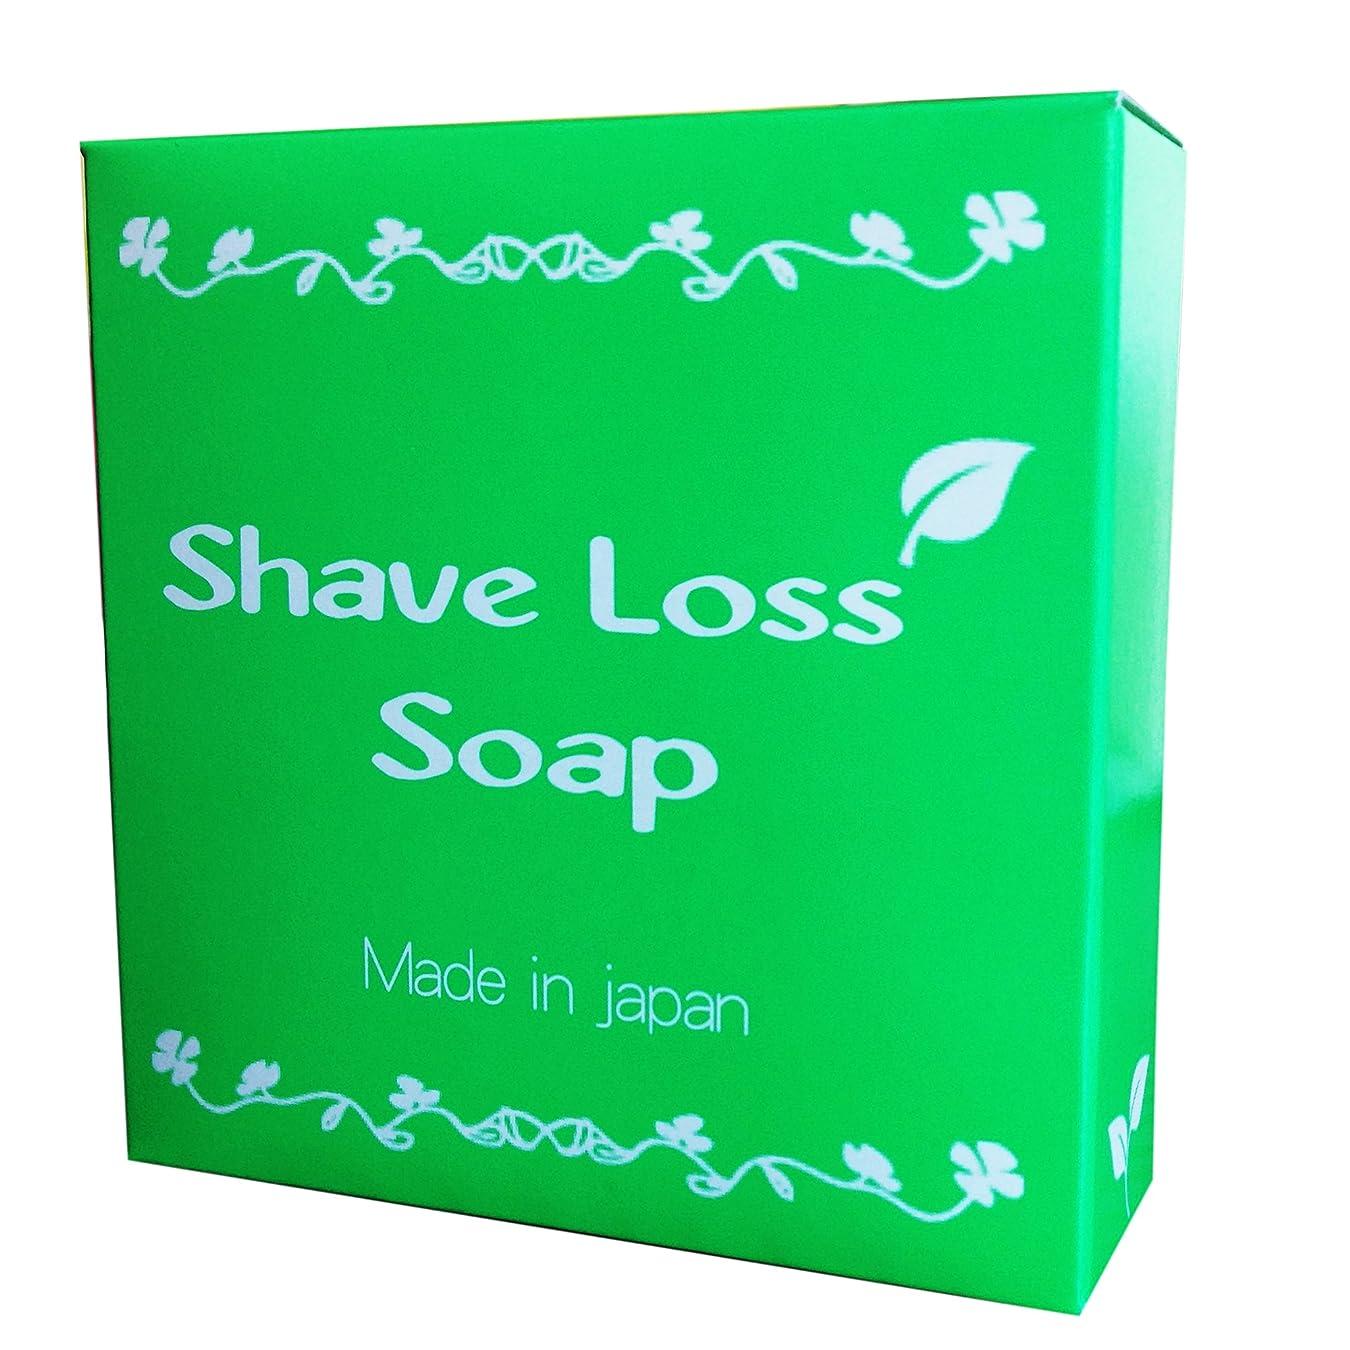 忌み嫌う横に単調なShave Loss Soap 女性のツルツルを叶える 奇跡の石鹸 80g (1個)